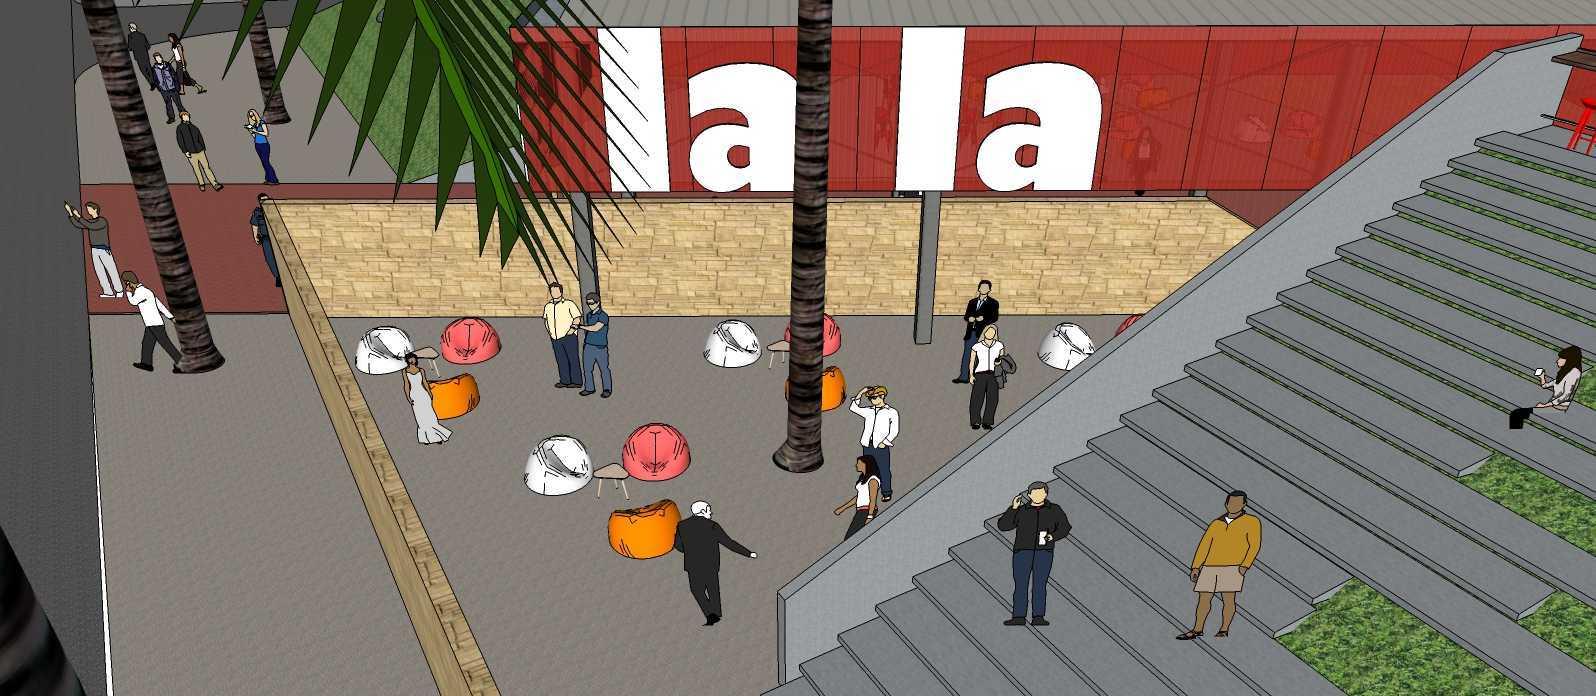 Atelier Ara La La La Canggu, Kuta Utara, Kabupaten Badung, Bali, Indonesia Canggu, Kuta Utara, Kabupaten Badung, Bali, Indonesia Atelier-Ara-La-La-La   68319